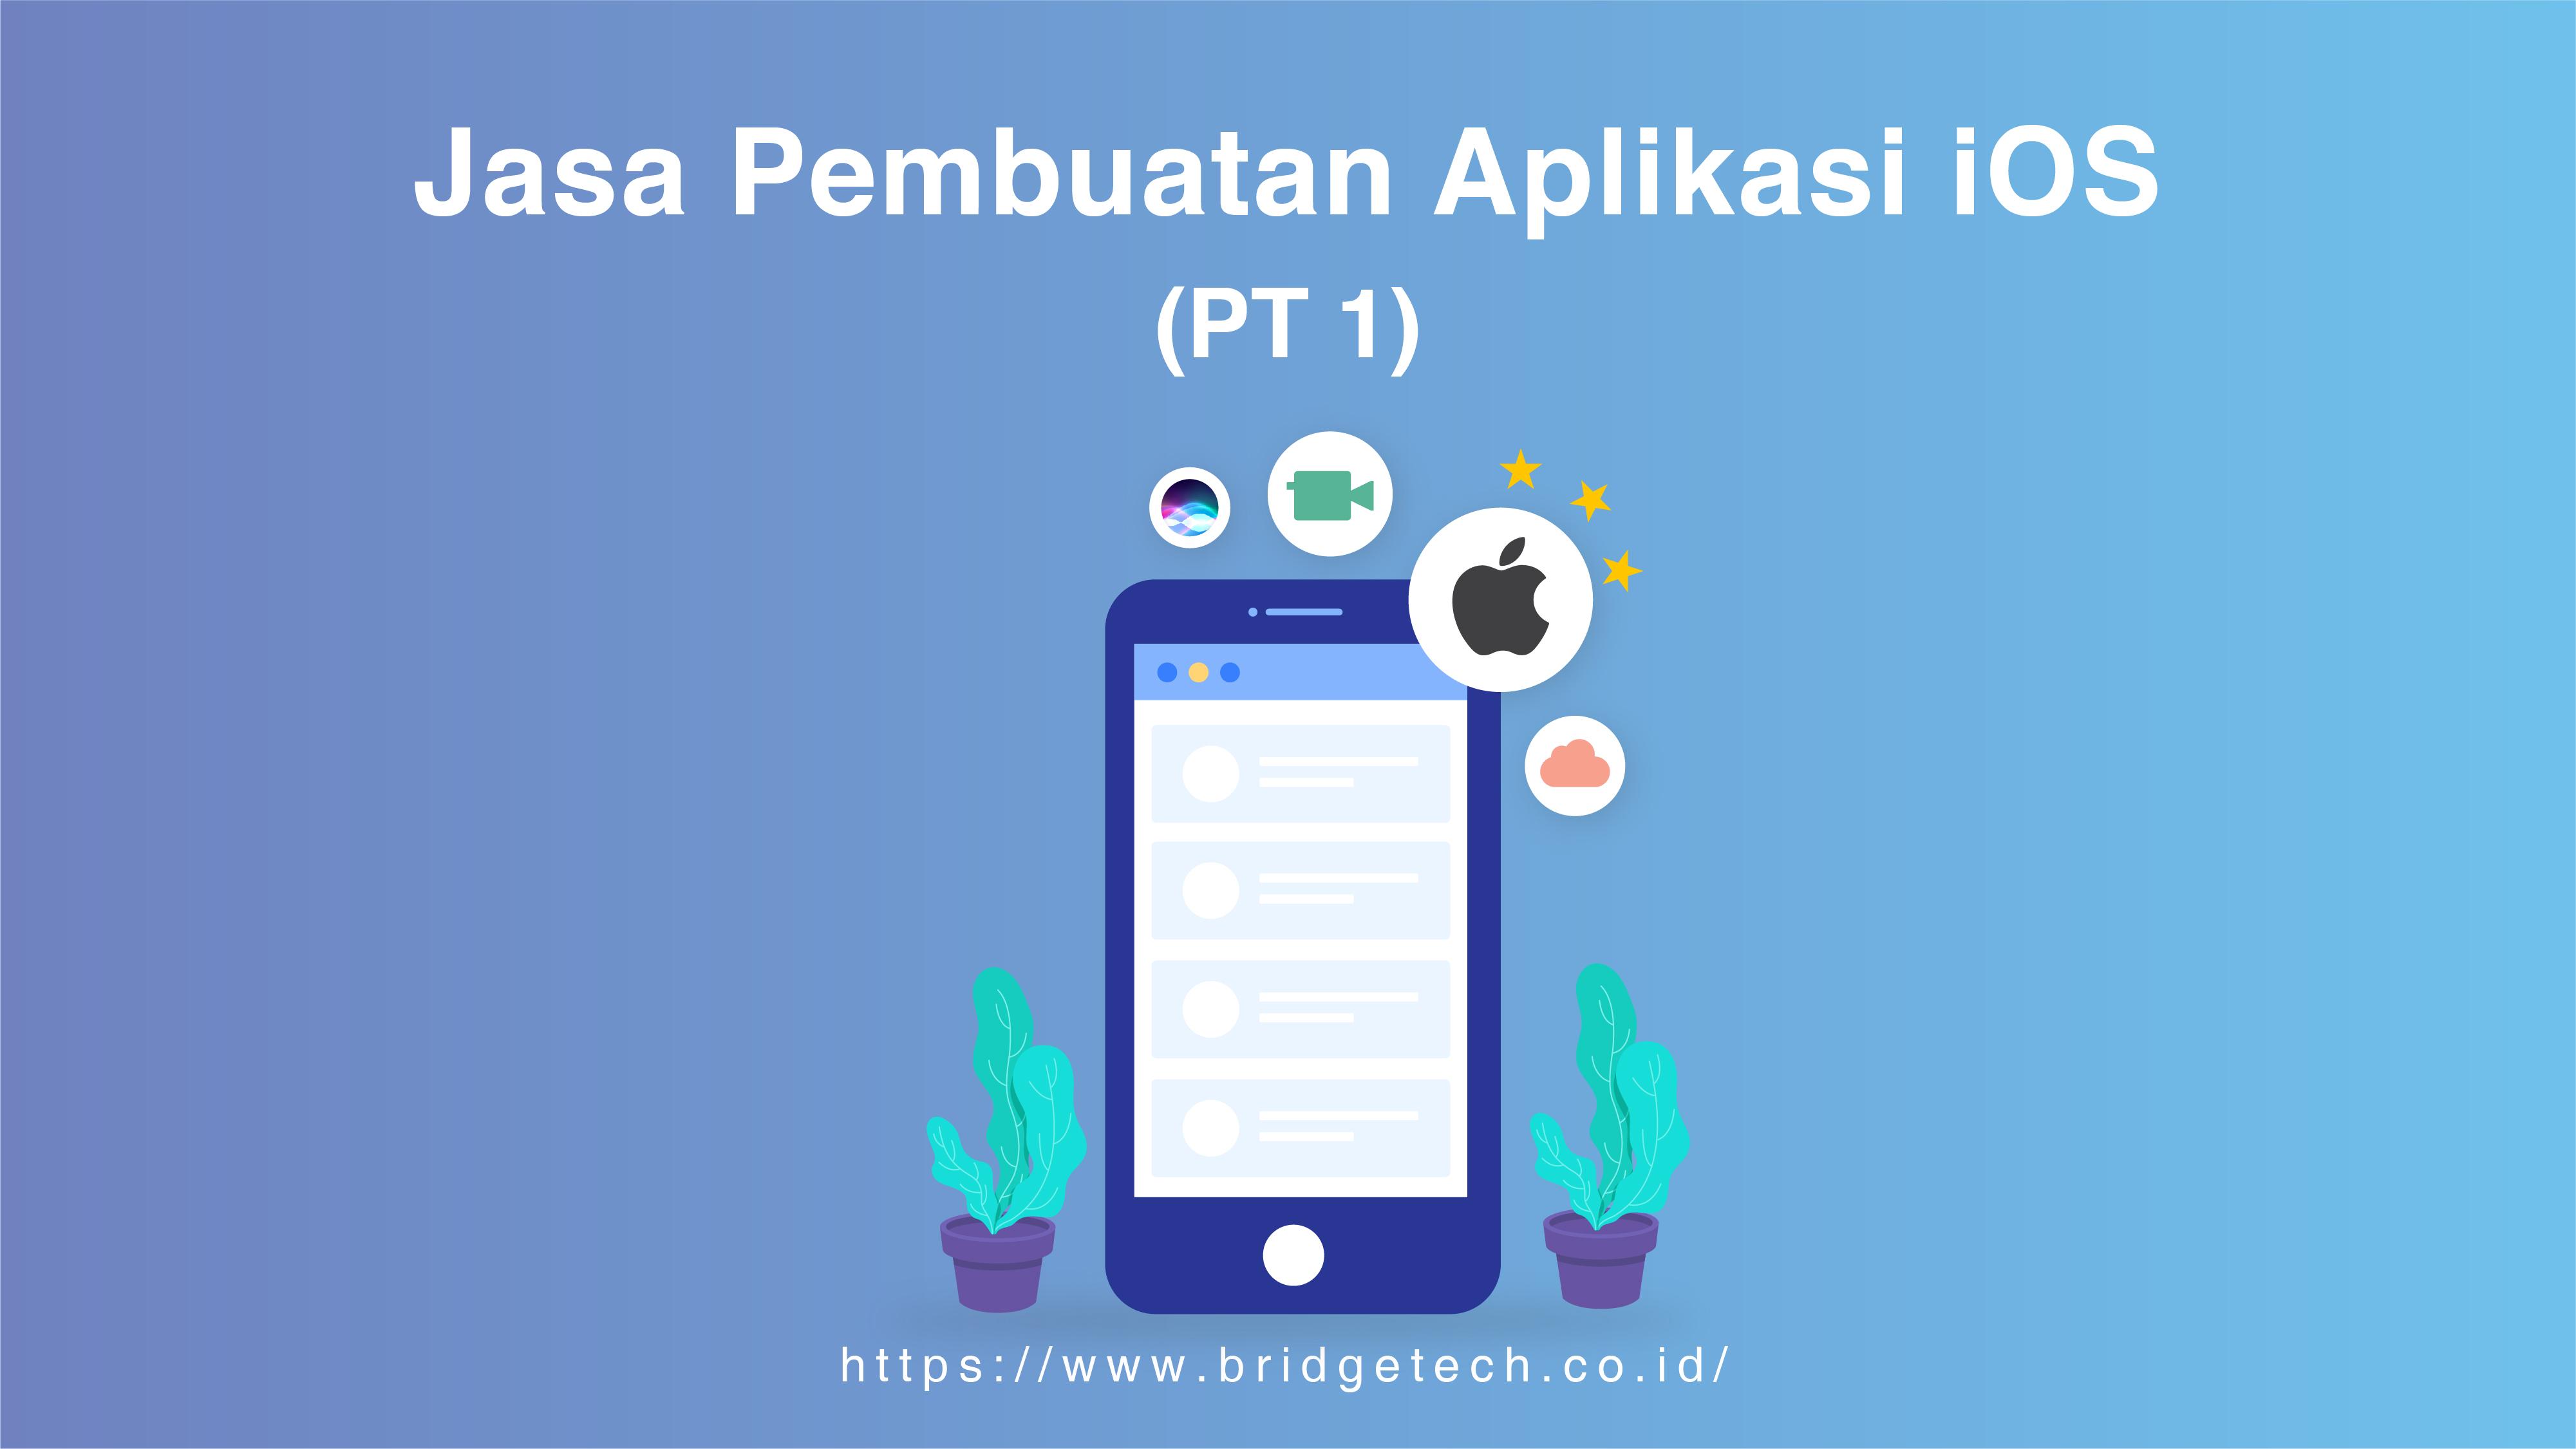 Jasa Pembuatan Aplikasi iOS (Pt.1)